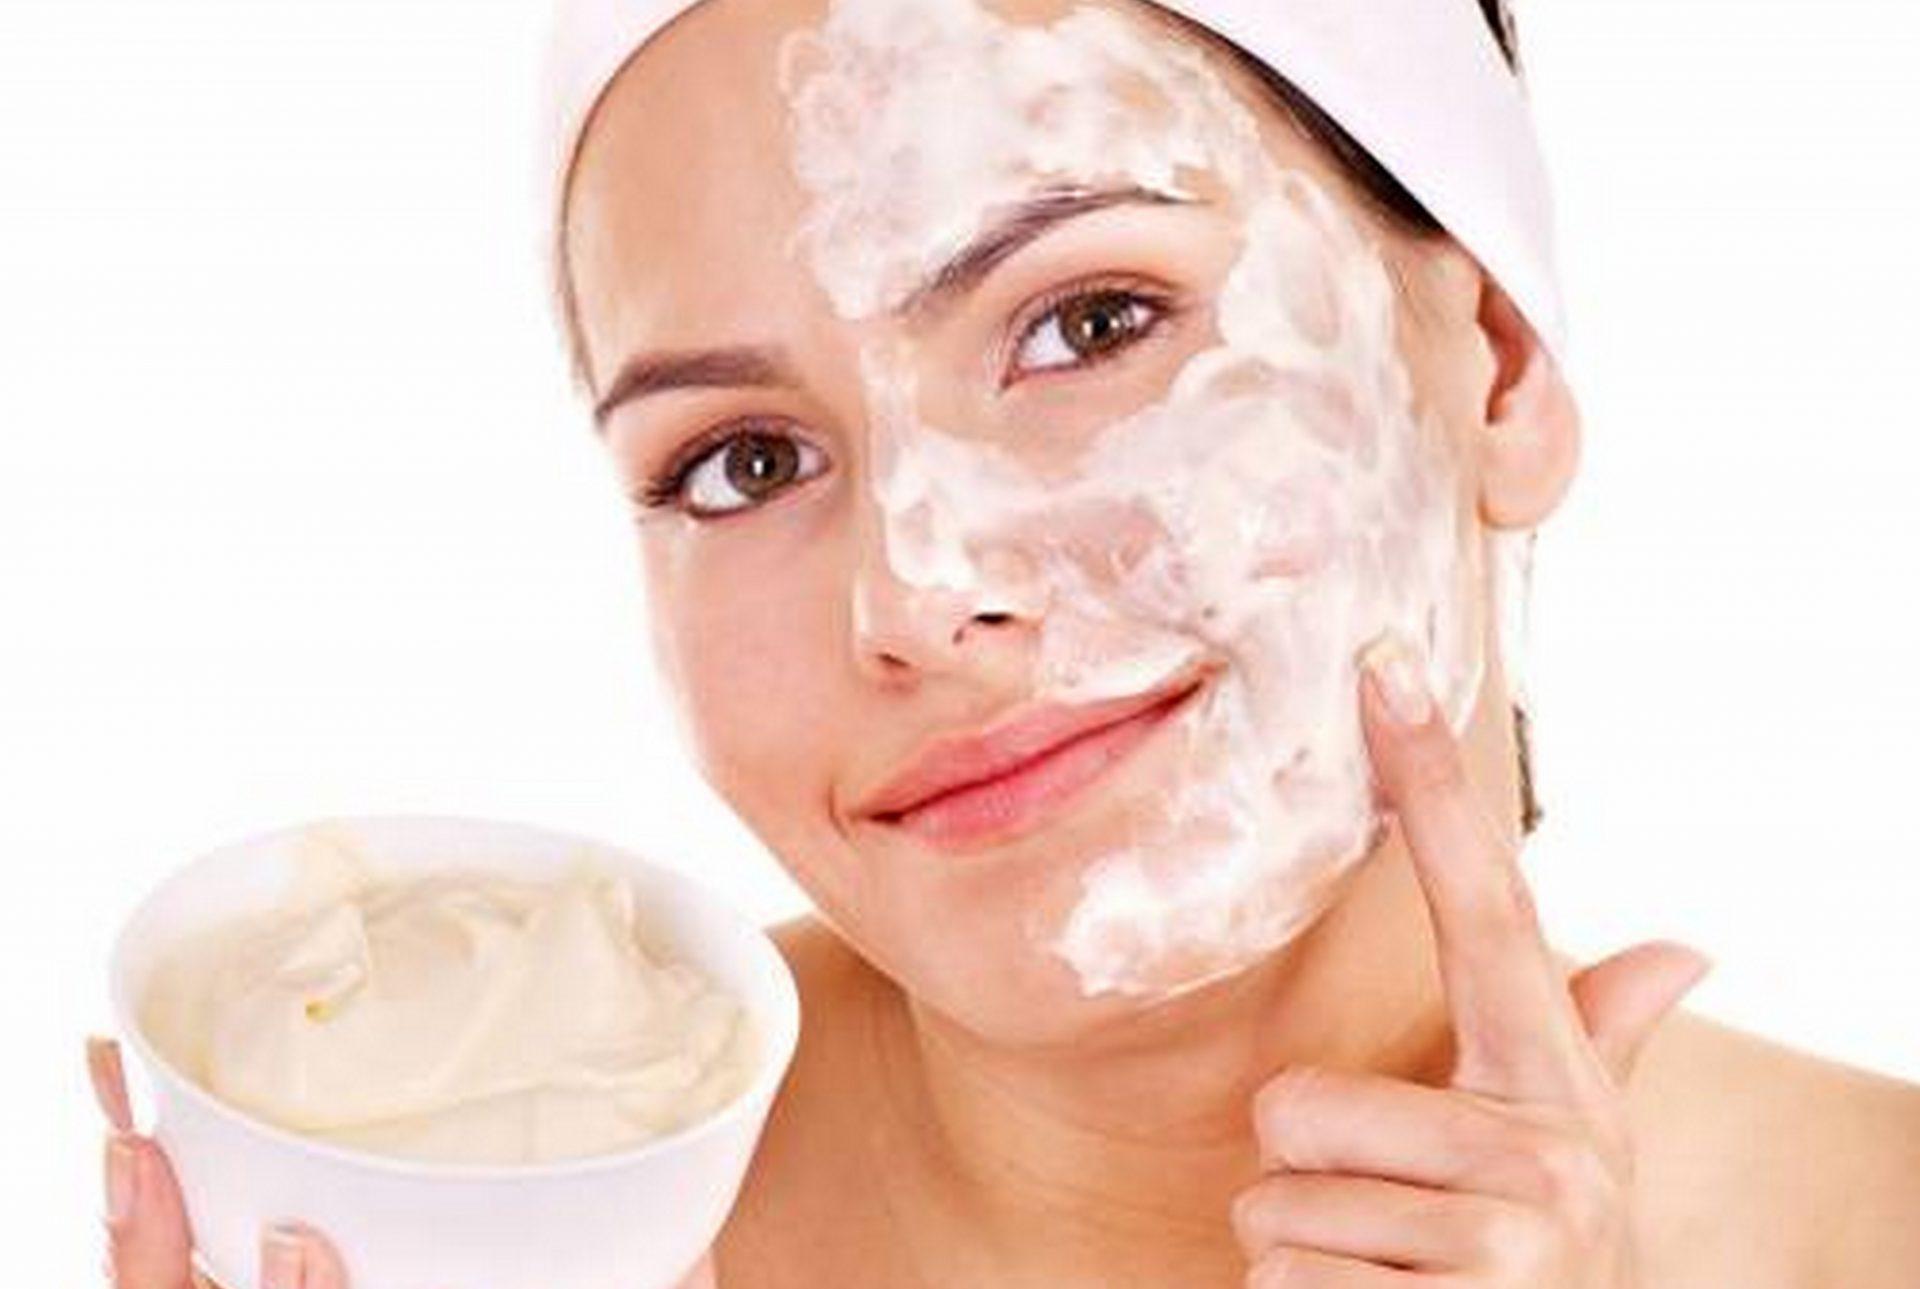 Белковая маска с салфеткой фото хотите купить